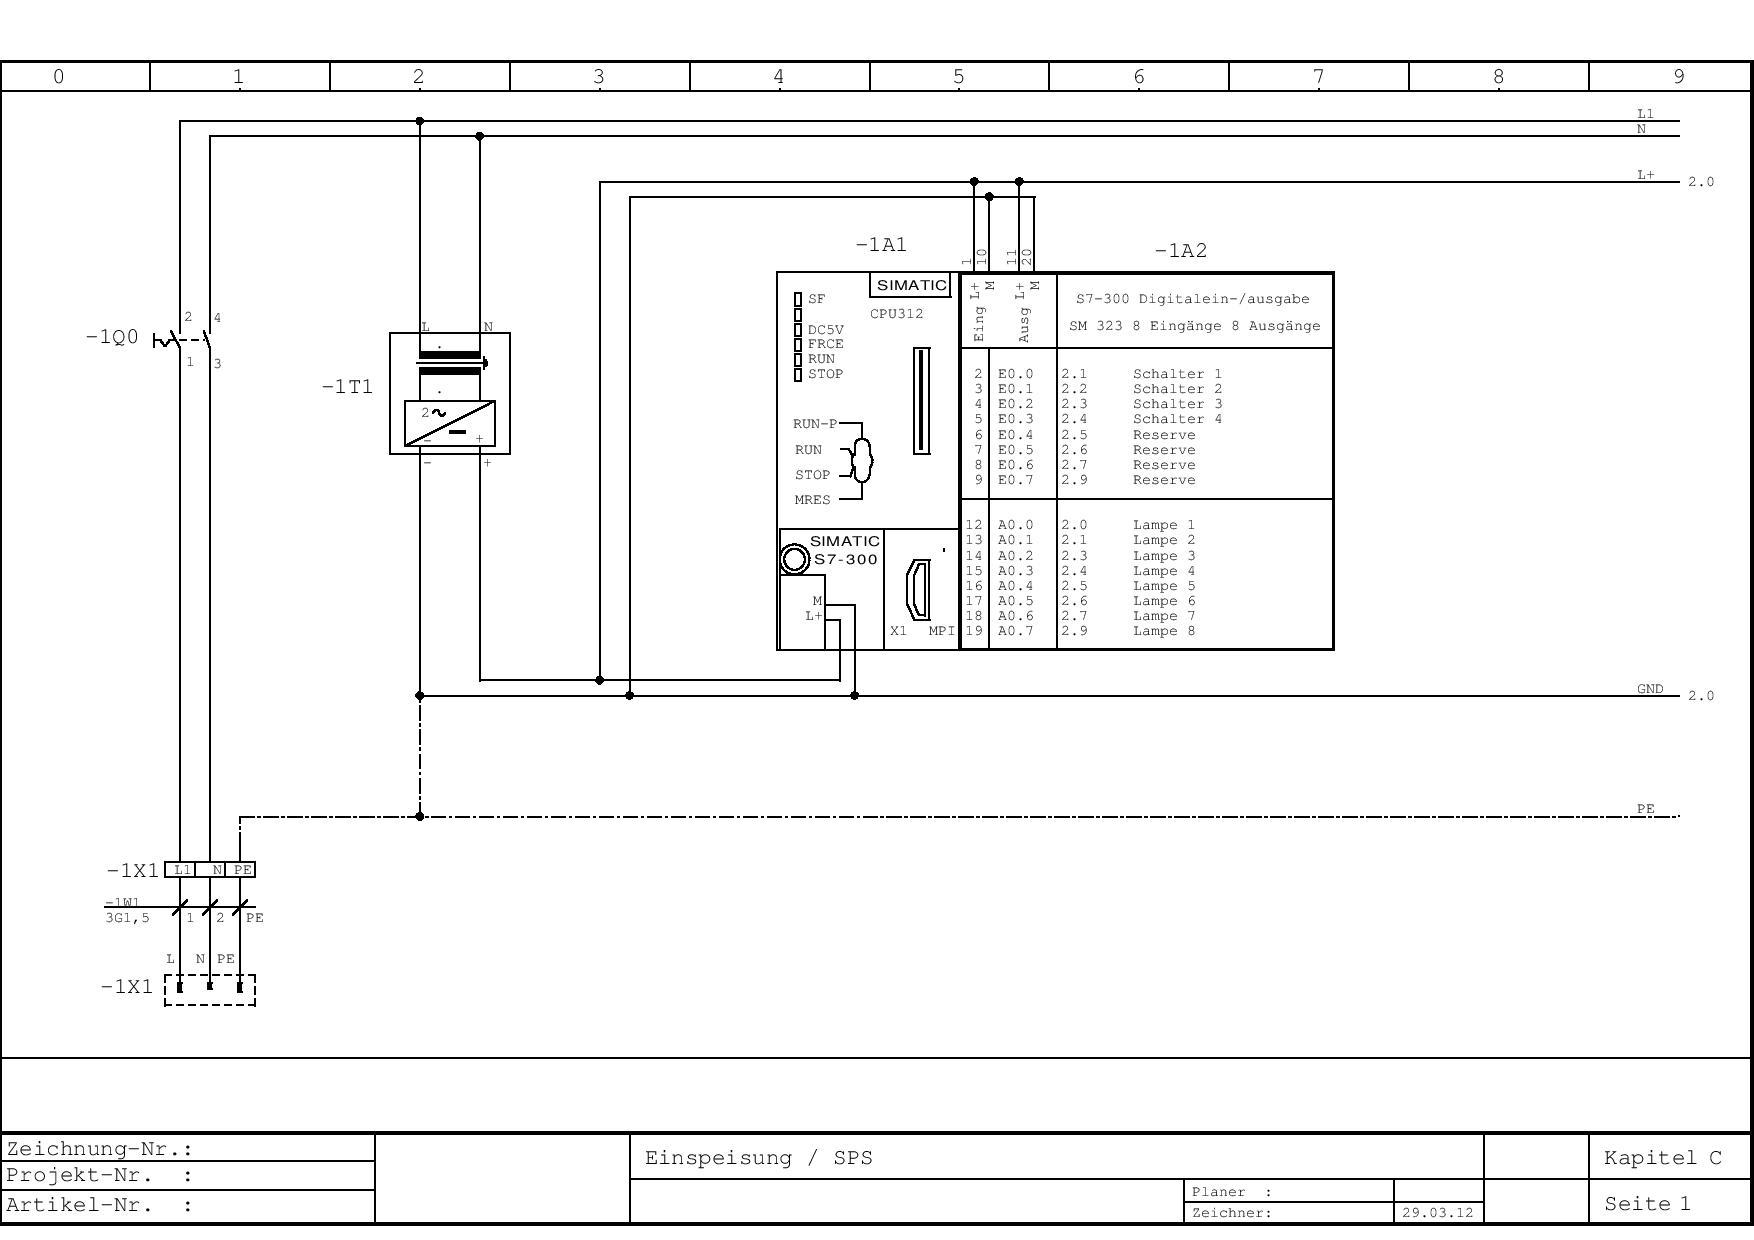 Rätsel in Schaltung - Seite 3 - diesteckdose.net